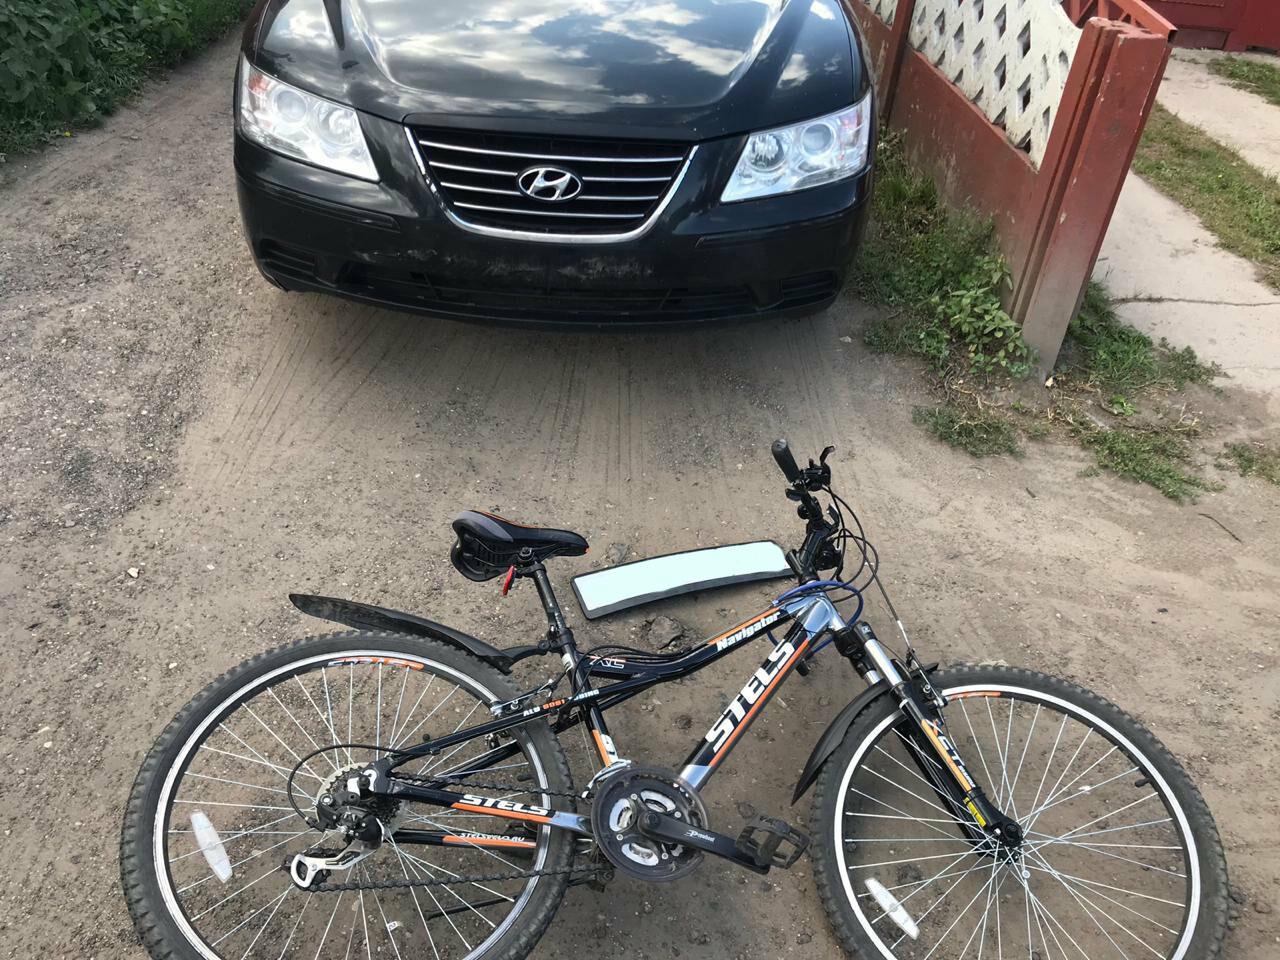 В Тамбовской области за сутки автомобилисты сбили трех детей на велосипедах, фото-2